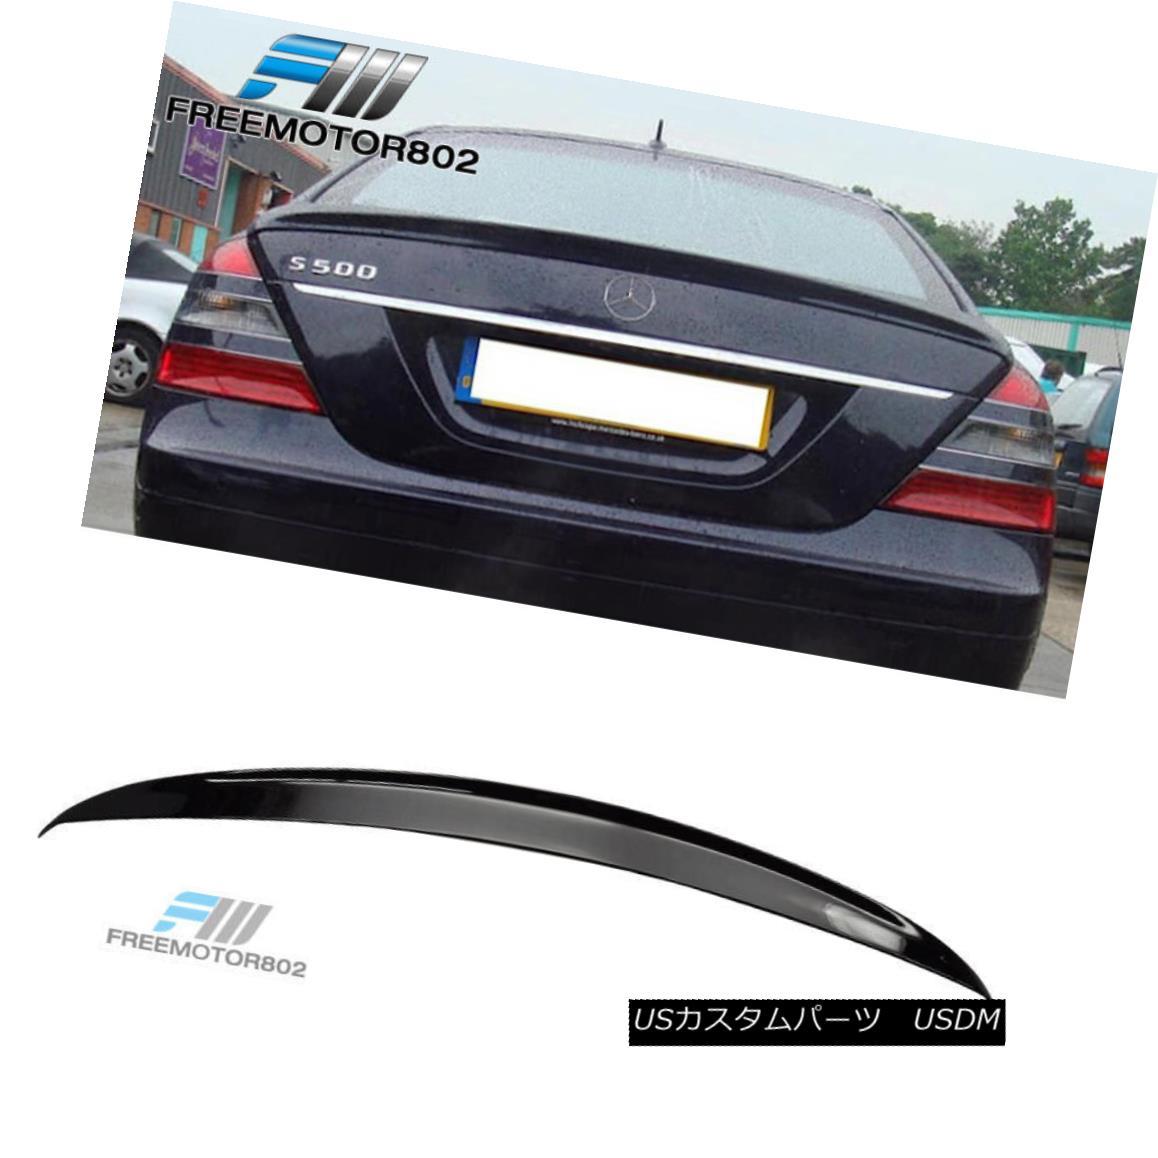 エアロパーツ Fit 07-13 Mercedes-Benz W221 S-Class ABS Rear Trunk Spoiler Black #040 Painted フィット07-13メルセデスベンツW221 SクラスABSリアトランク・スポイラーブラック#040塗装済